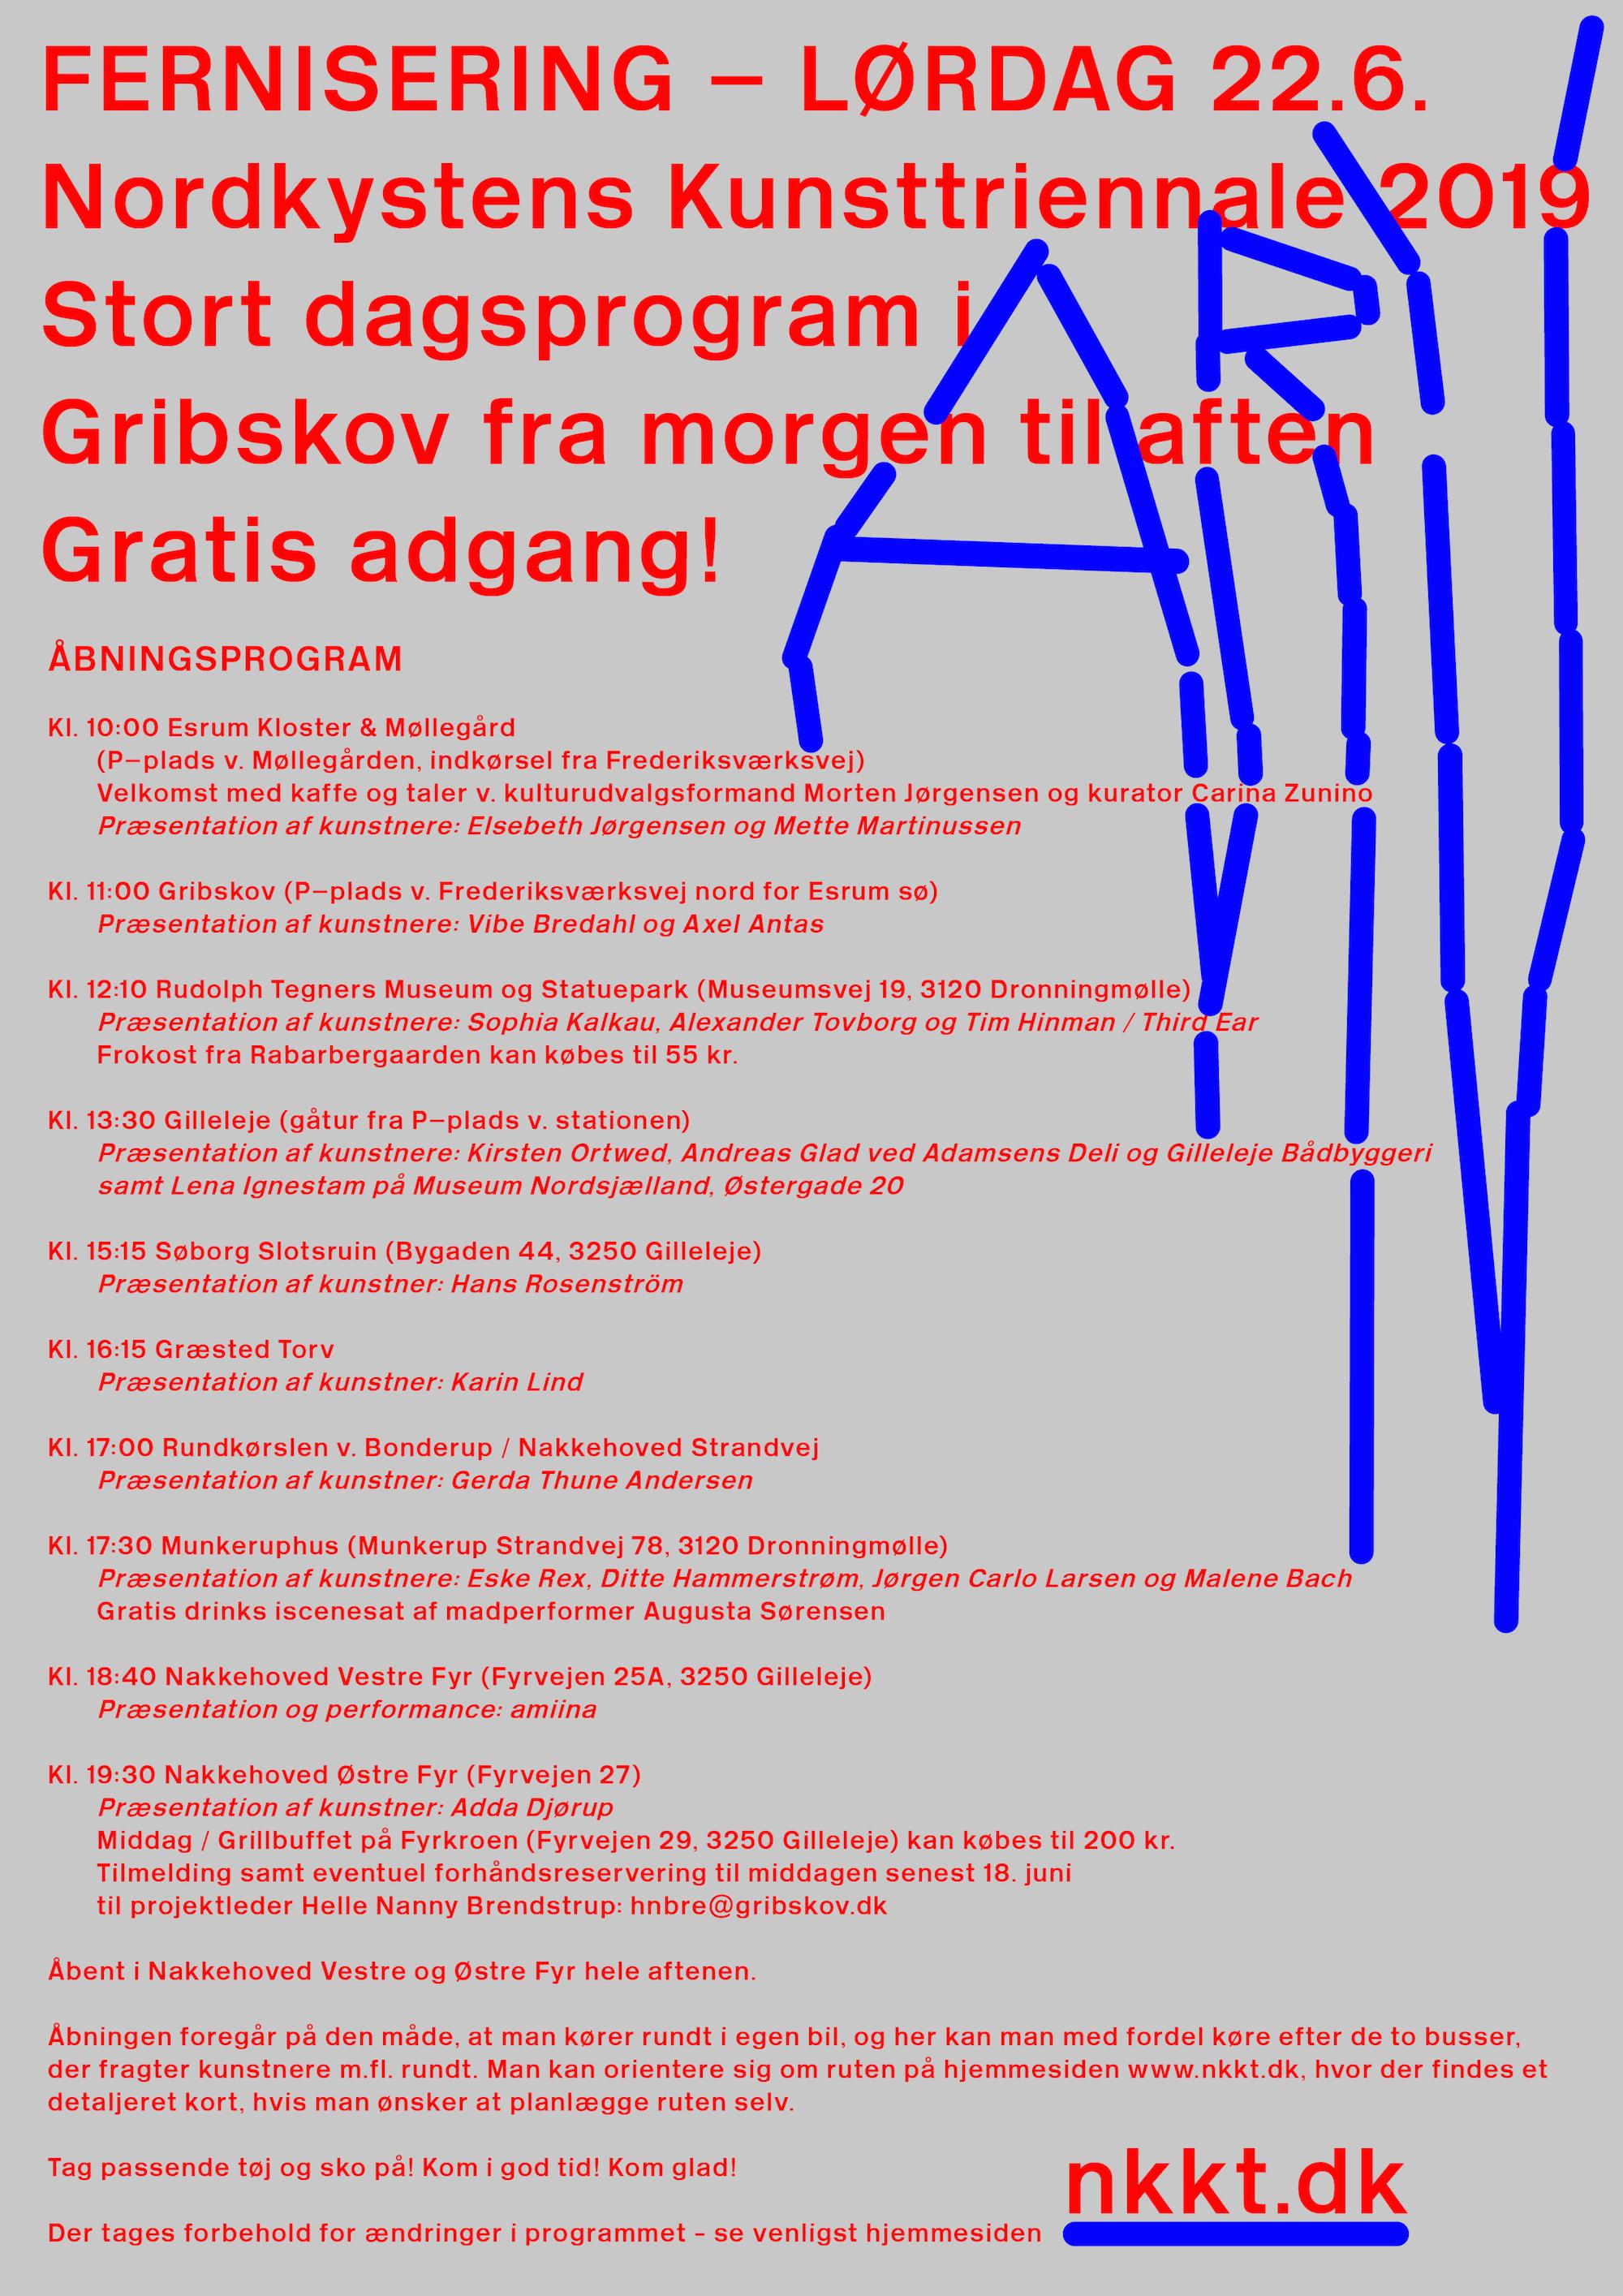 190608_NKKT_Åbningsprogram.jpg